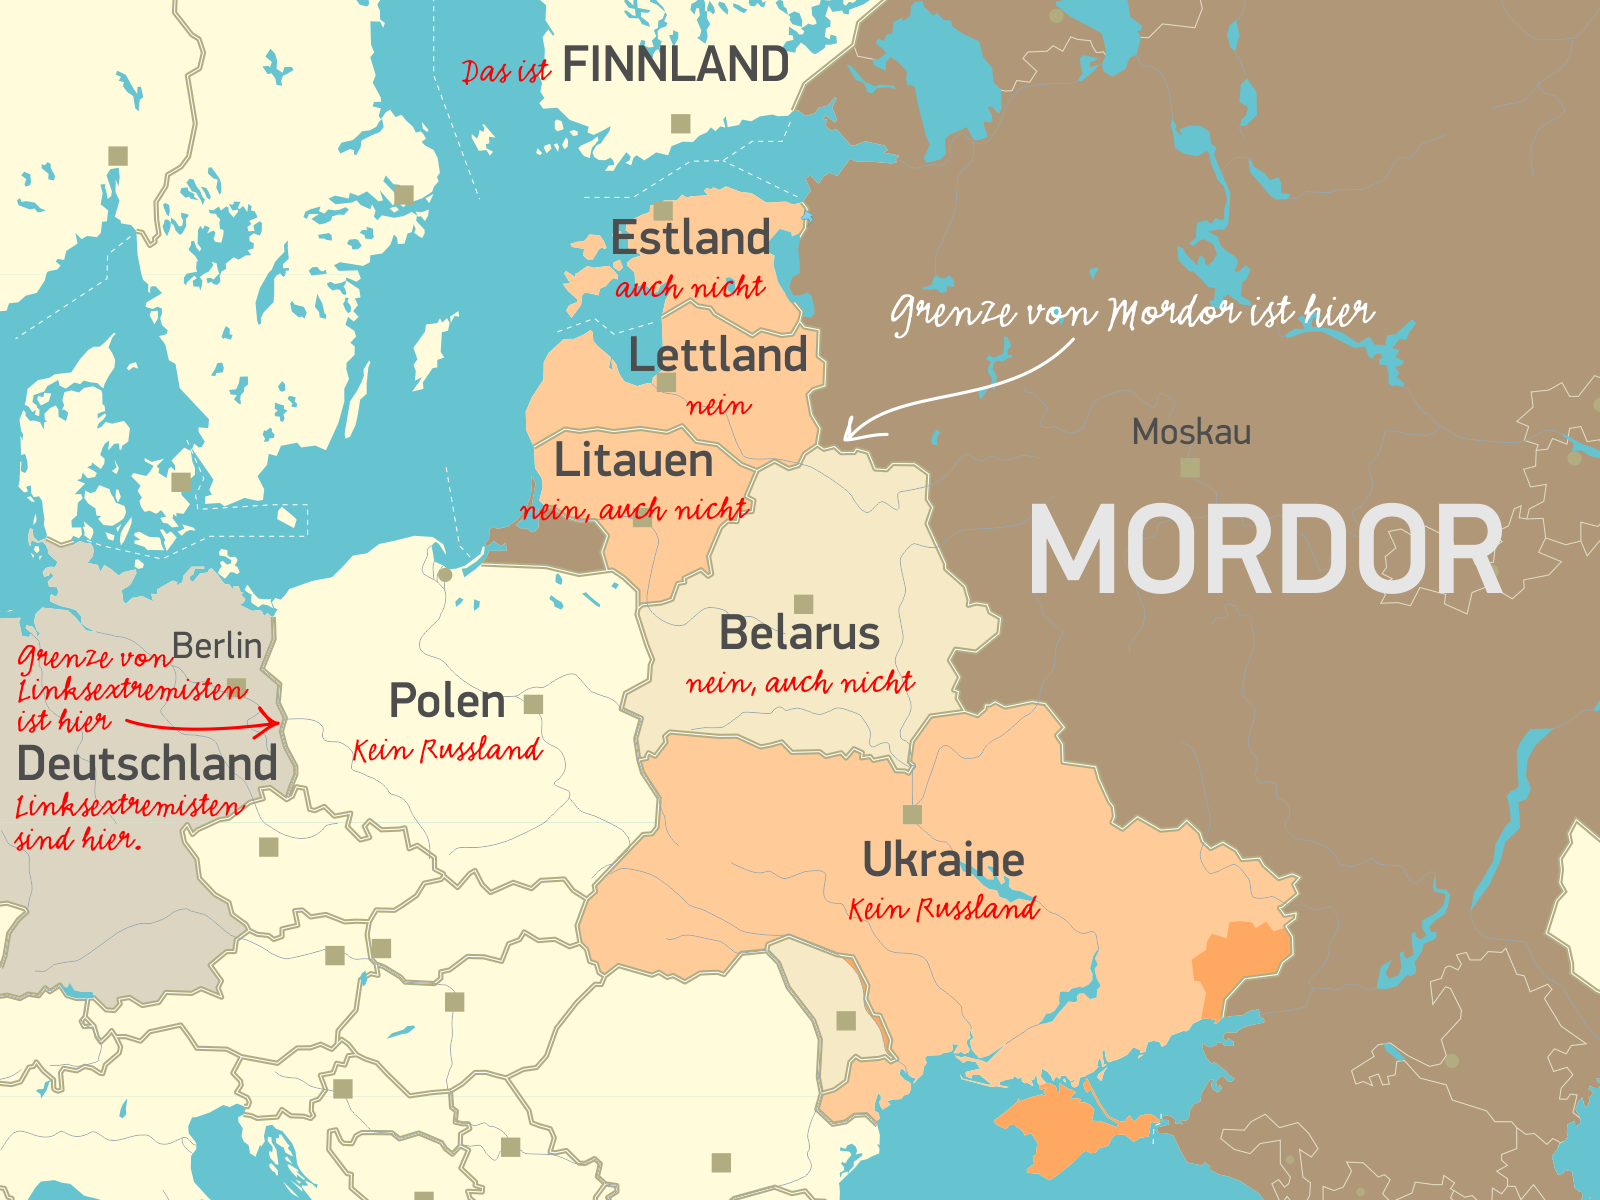 Asien grenze in russland europa Ist Russland